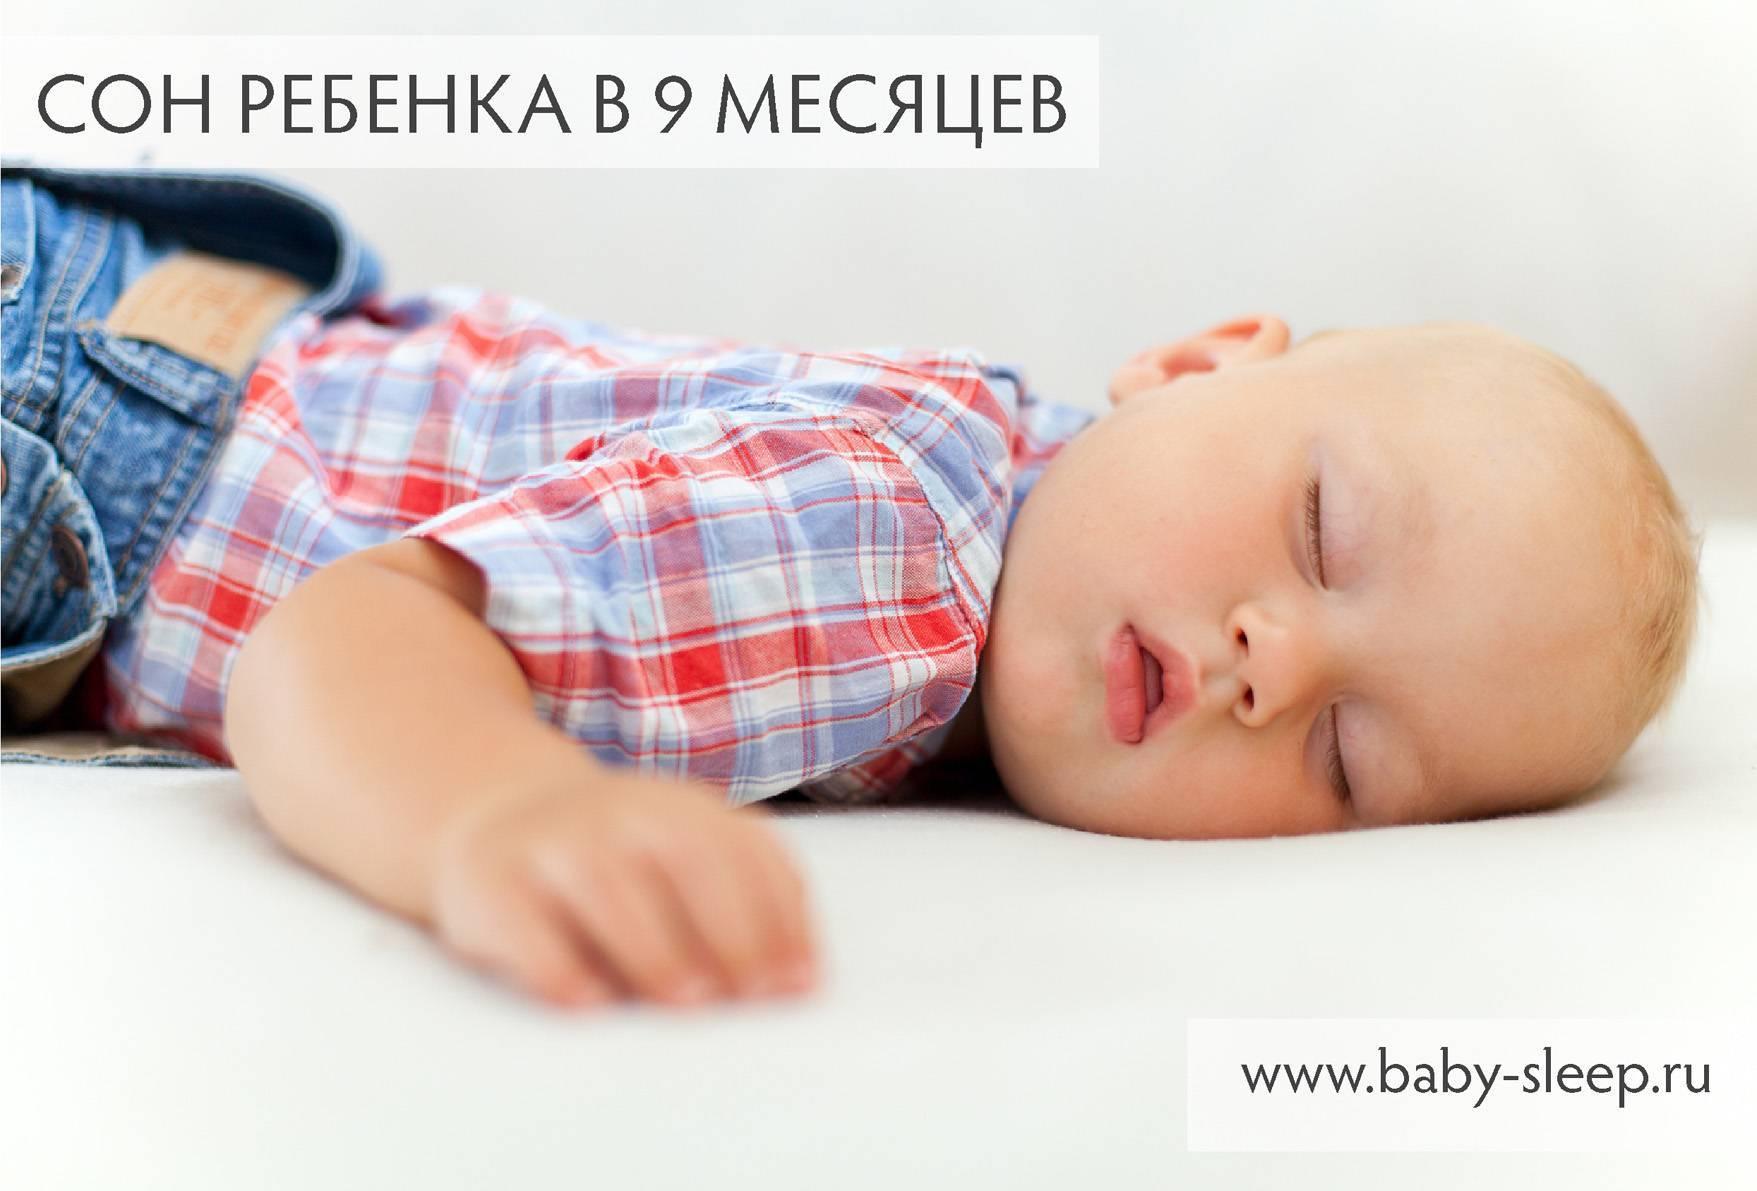 Сколько раз какает месячный ребенок?